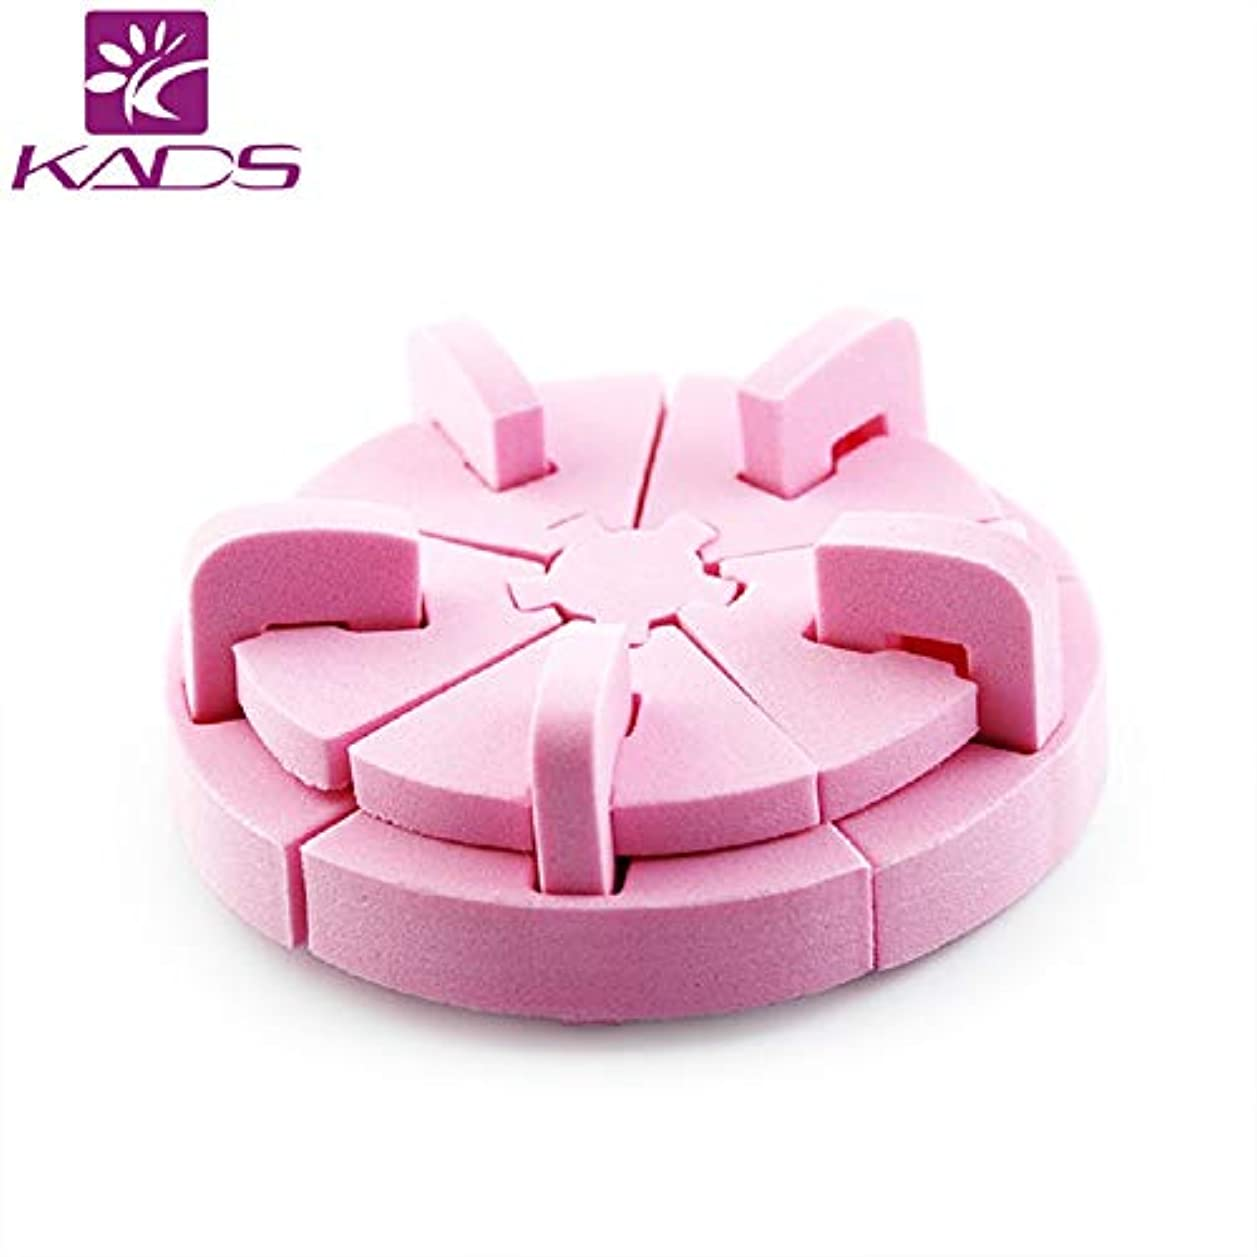 気付く追記中KADSスポンジロータスネイルスタンド ネイル組み立て式 チップスタンド ネイル固定スタンド